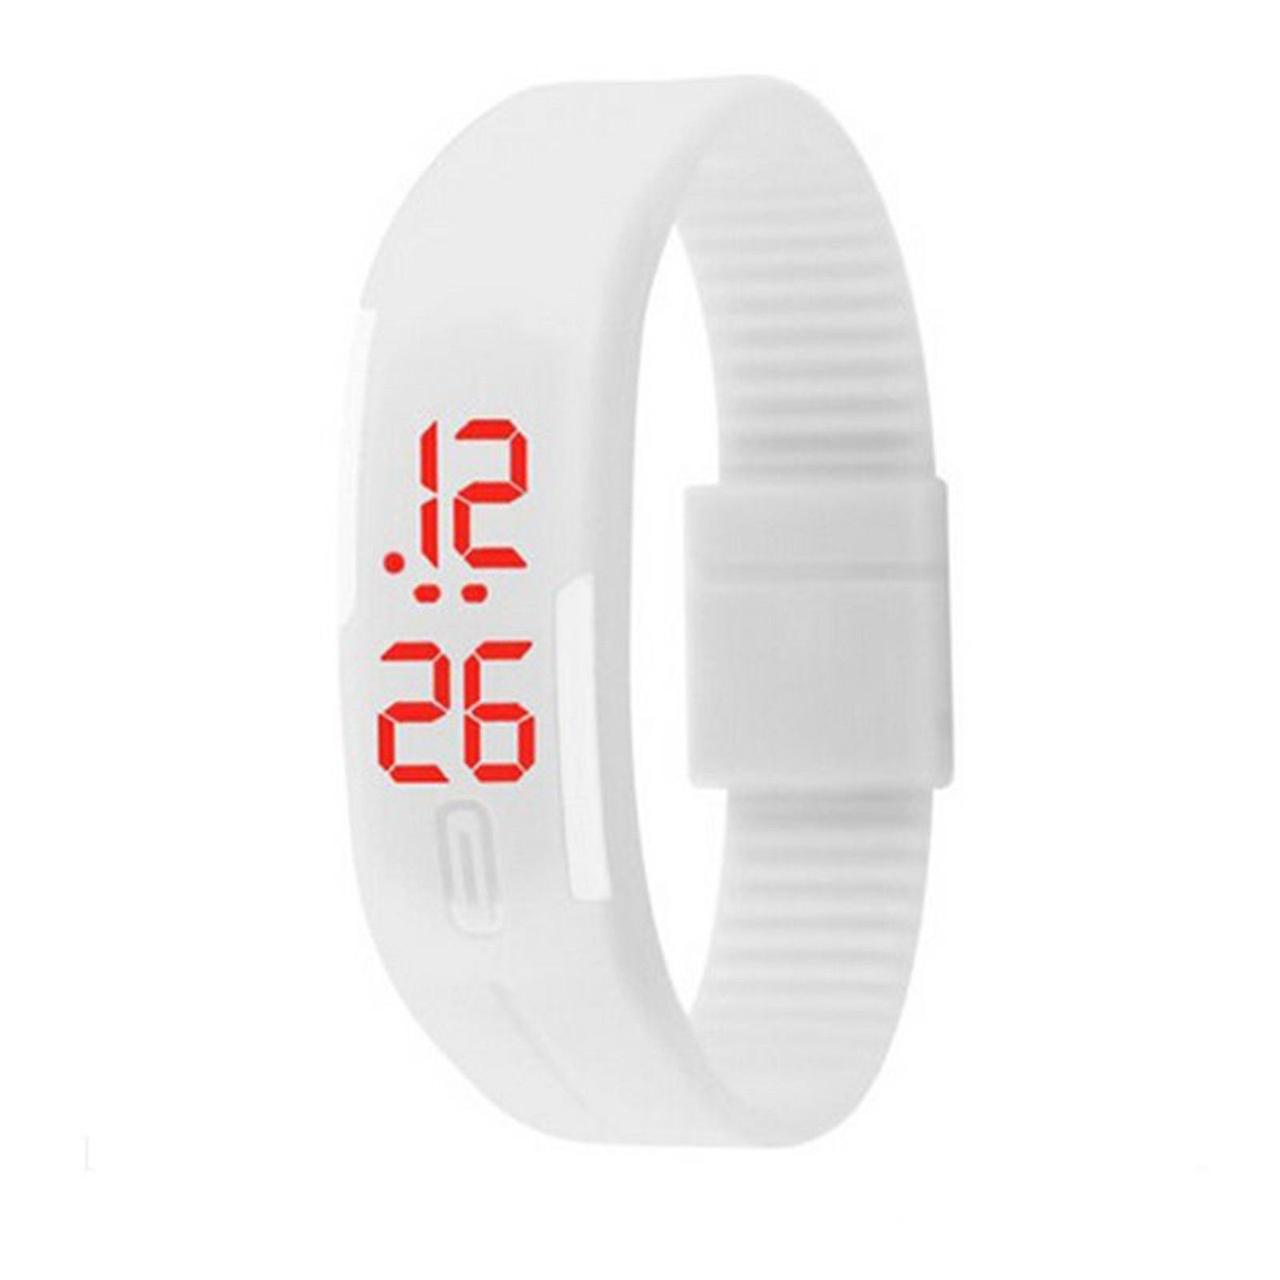 """LED наручные часы """"Light Shadow"""" с ярким силиконовым браслетом (Белый)"""